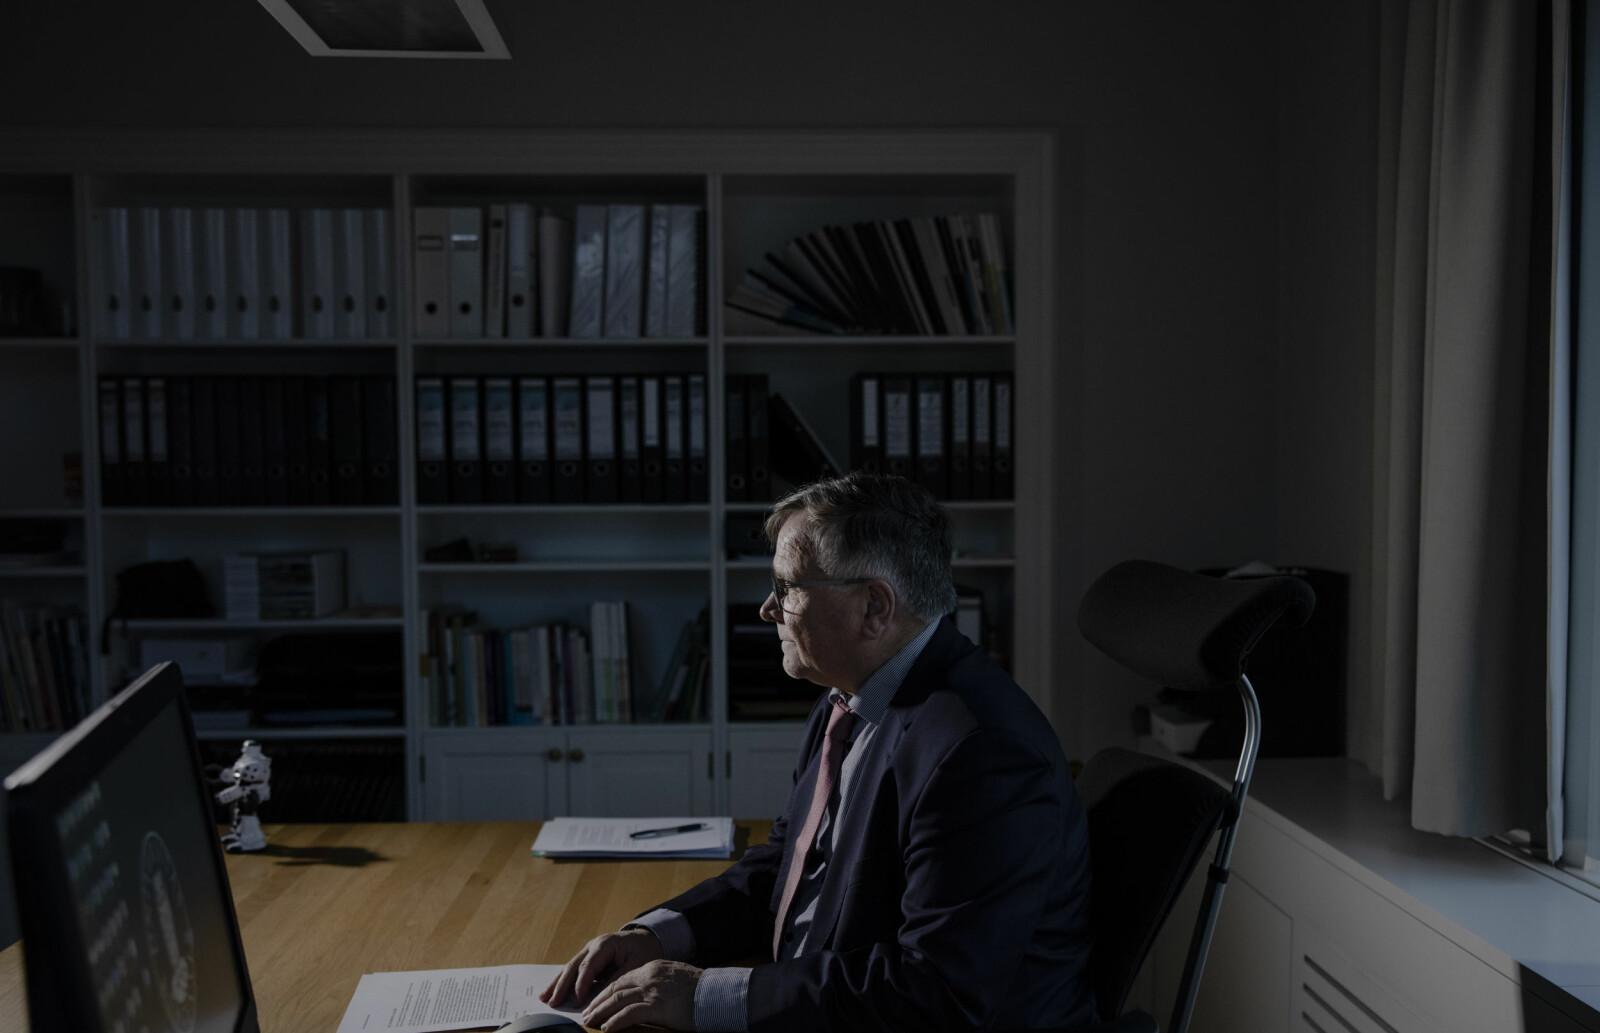 Kjell Bernstrøm bor i rekkehus i bydelen Nesttun i Bergen. Til jobb tar han bybanen (når det ikke er koronatider), og er ofte på kontoret fra seks om morgenen til seks om kvelden.